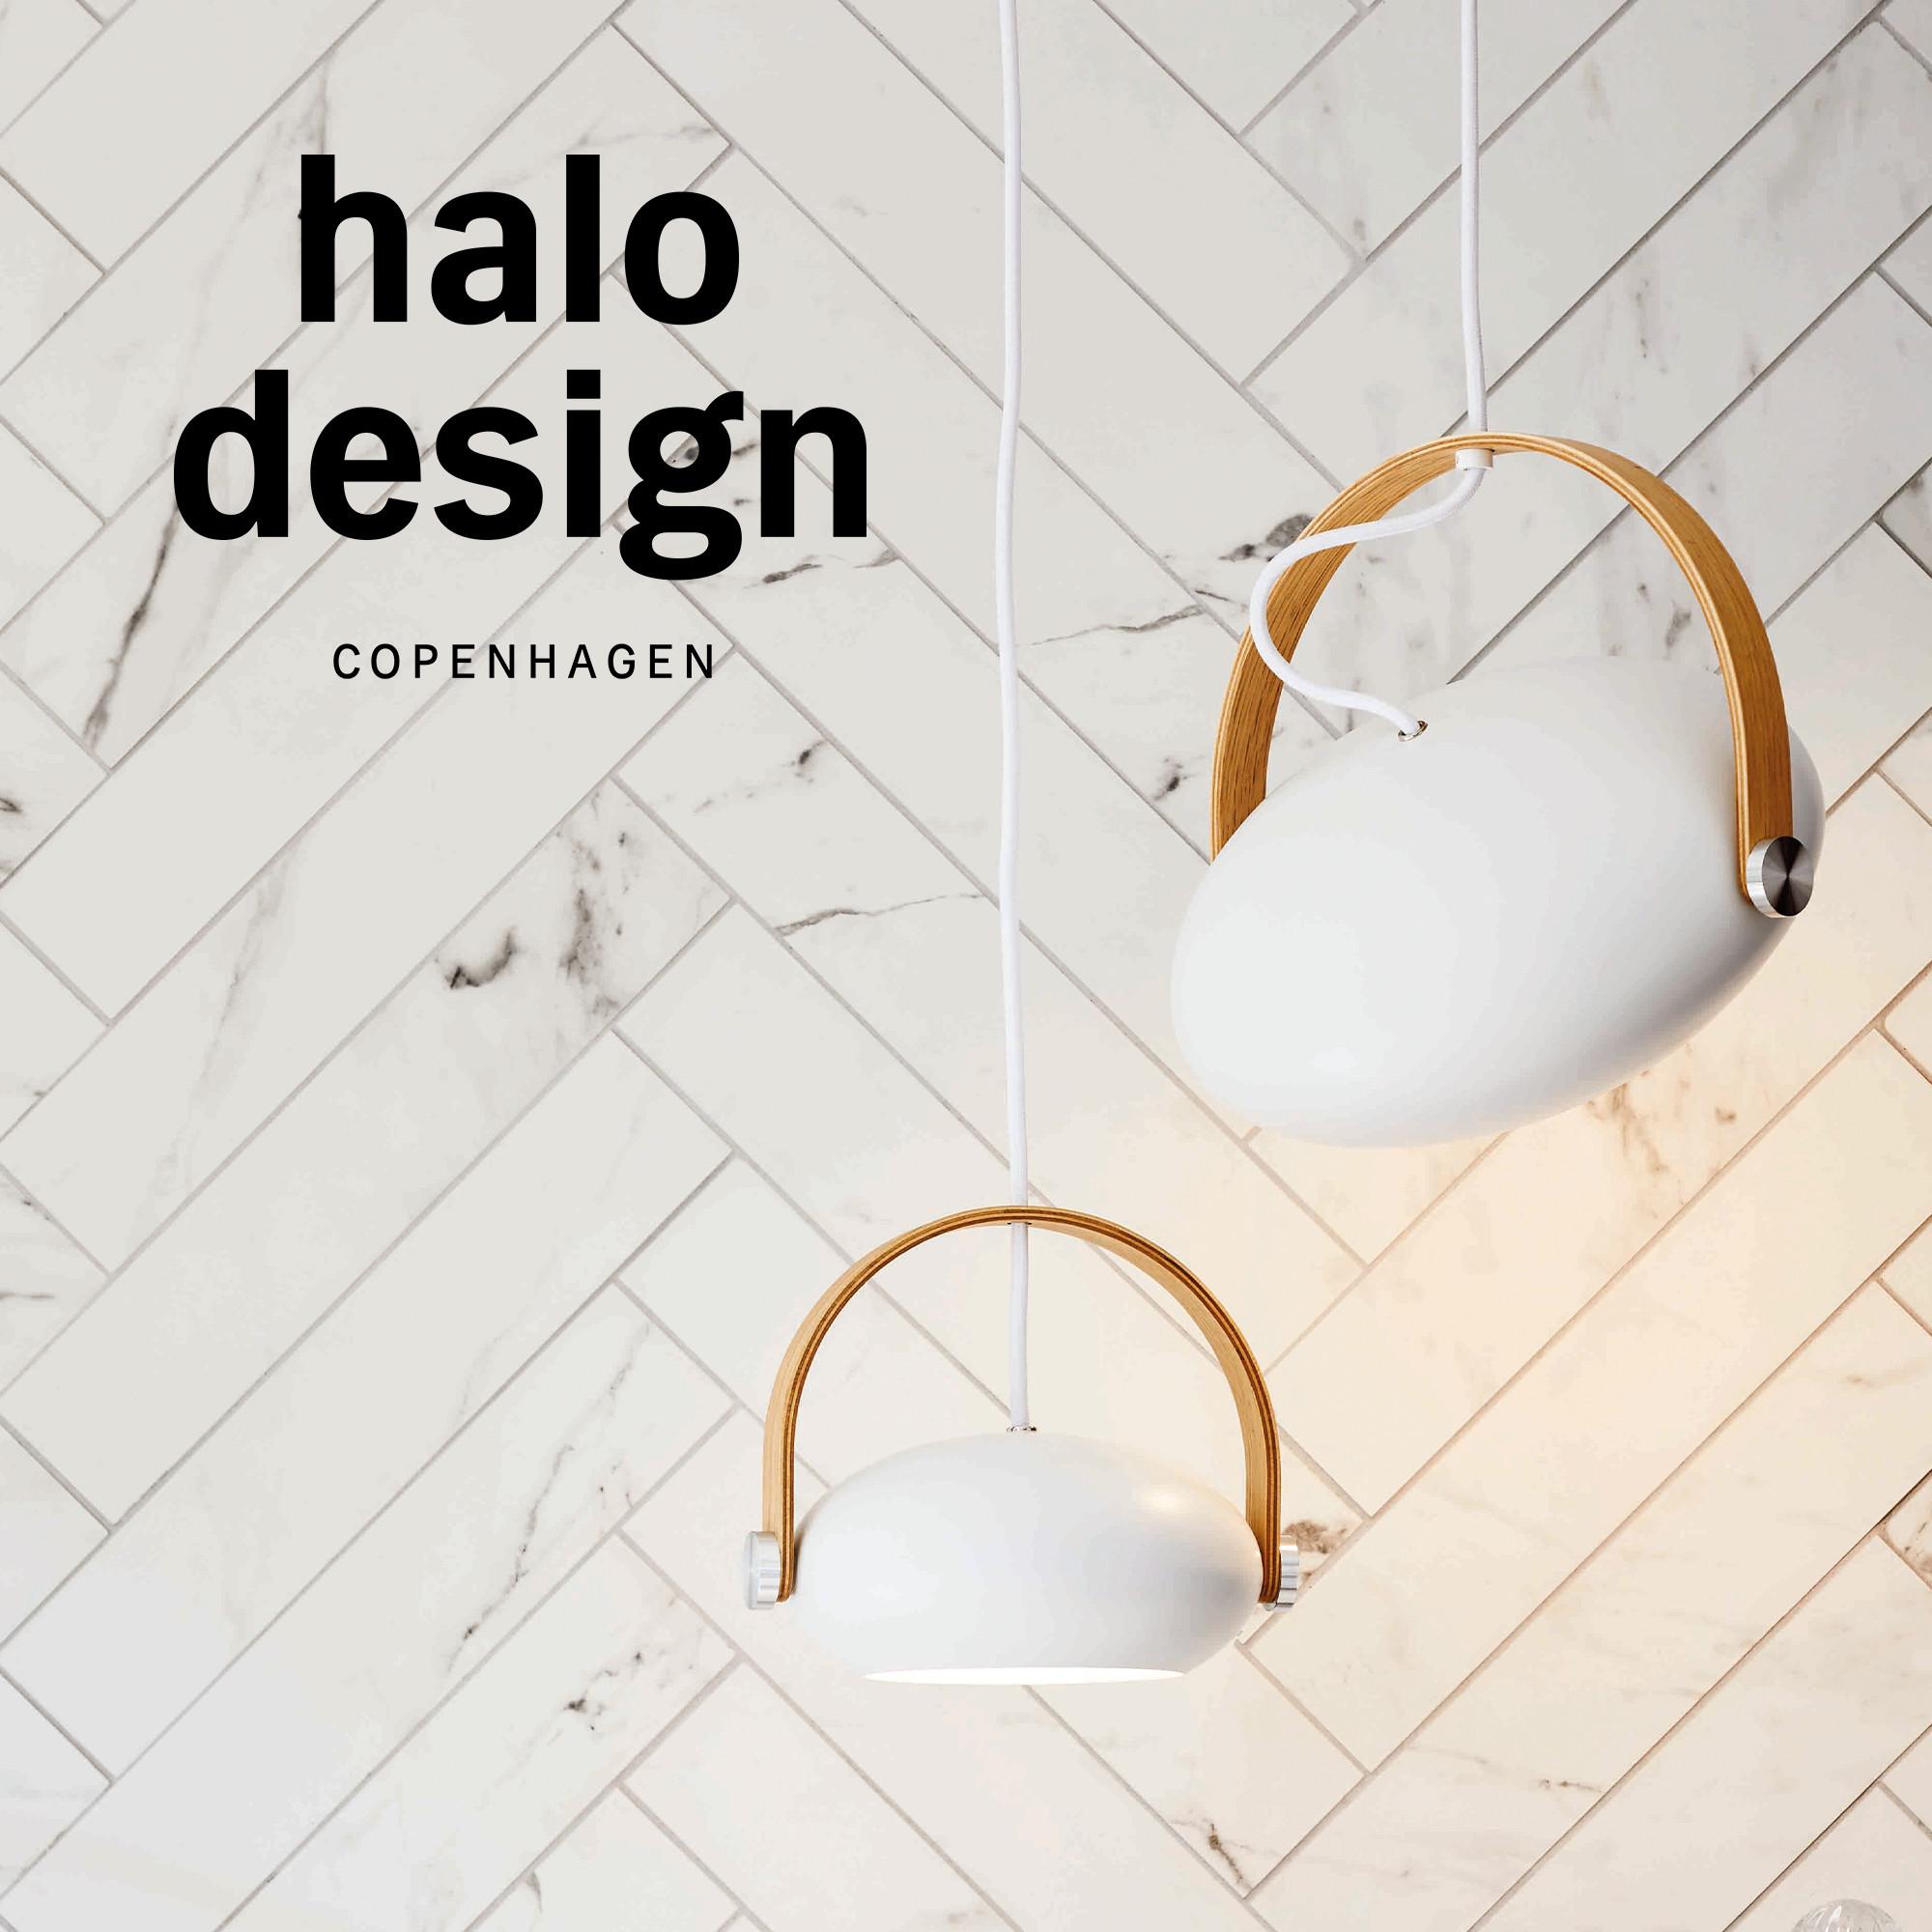 Splinternye Halo Design - Se vores store udvalg af Halo Design lamper - Lys PY-04